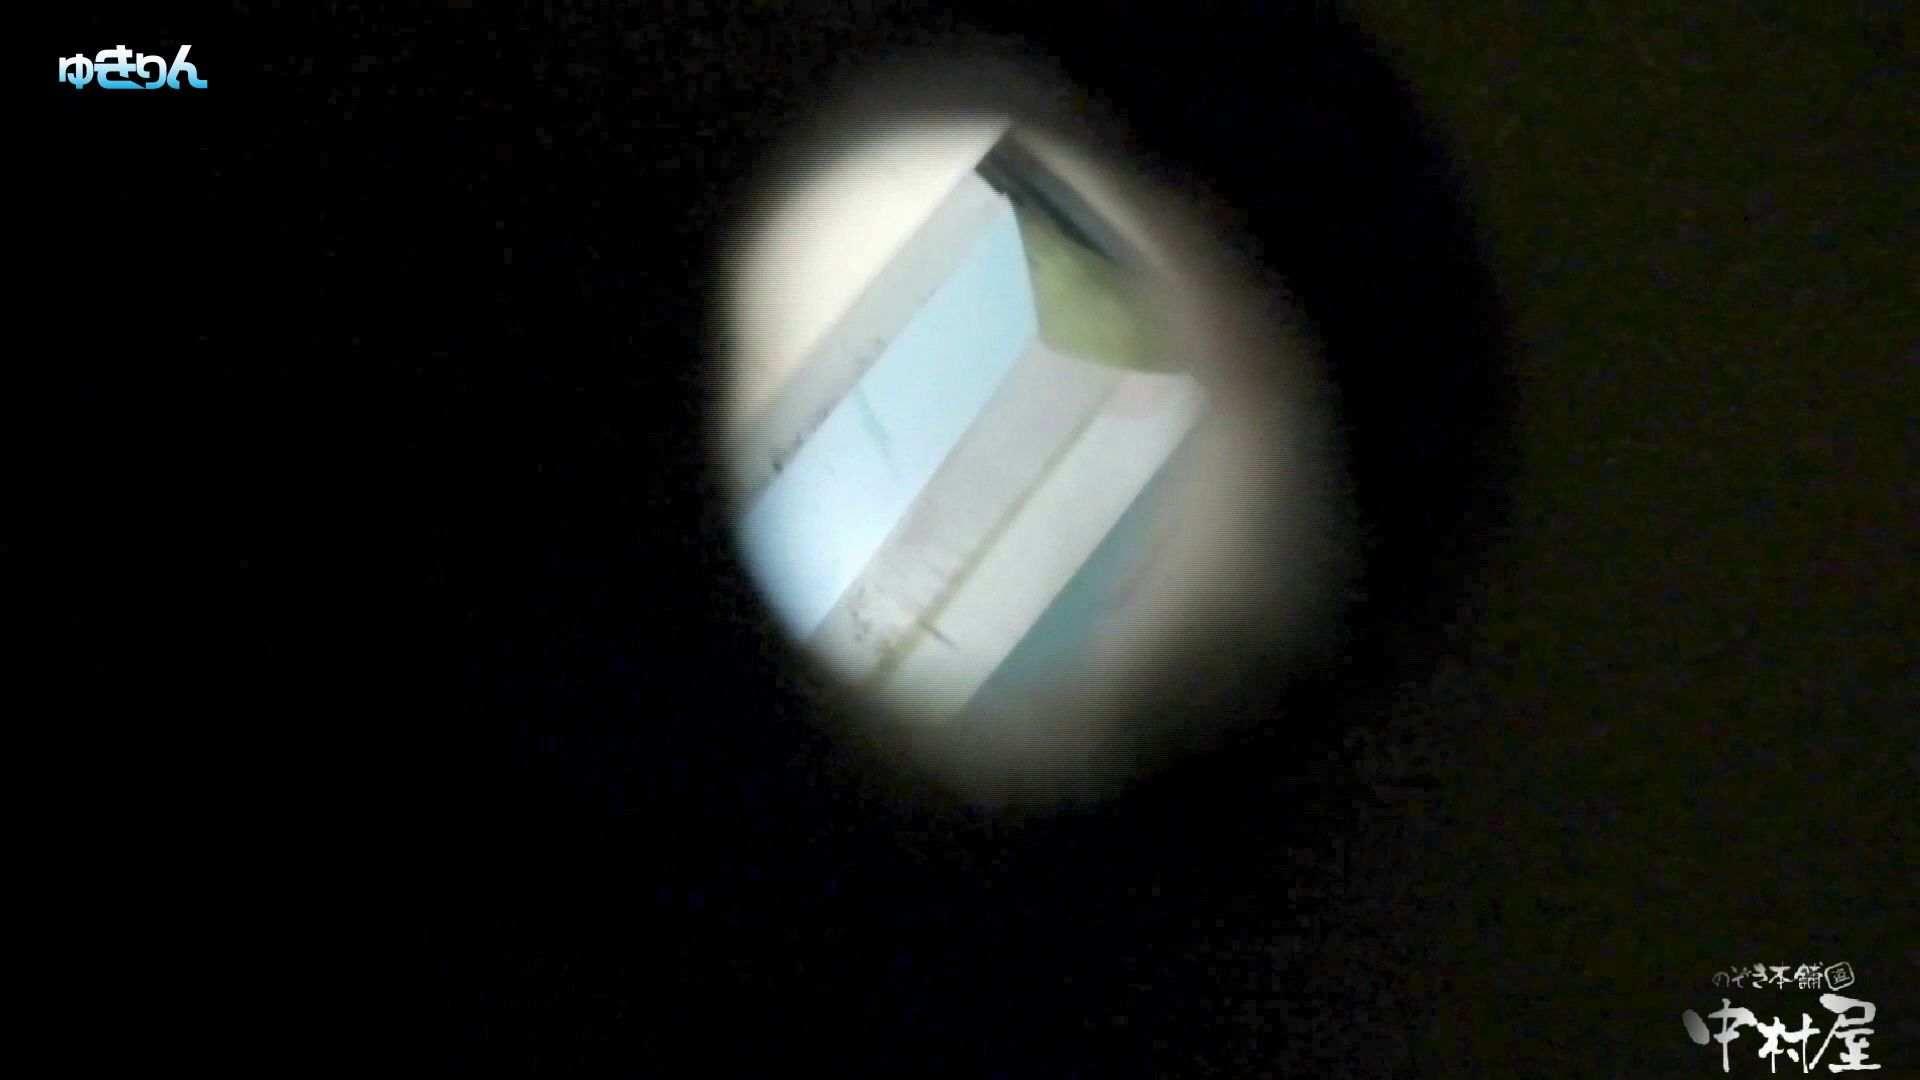 世界の射窓から~ステーション編~ vol56 すごいM字開脚してくれます。後編 0  73pic 42